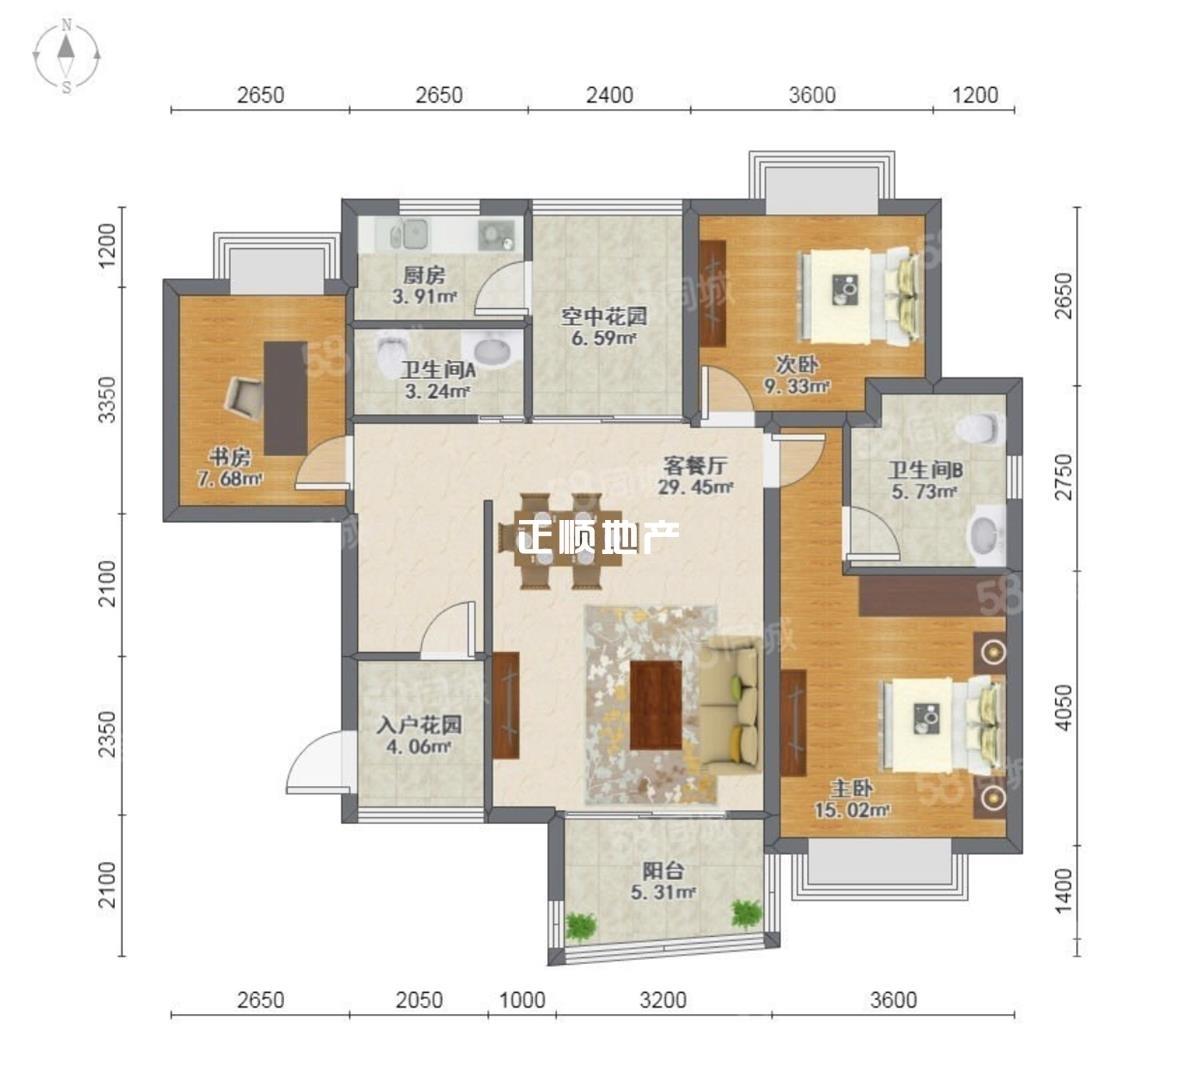 横琴高端住宅  华融琴海湾精装三房出售 性价比超高,和口岸就隔一条路,挨着励骏商